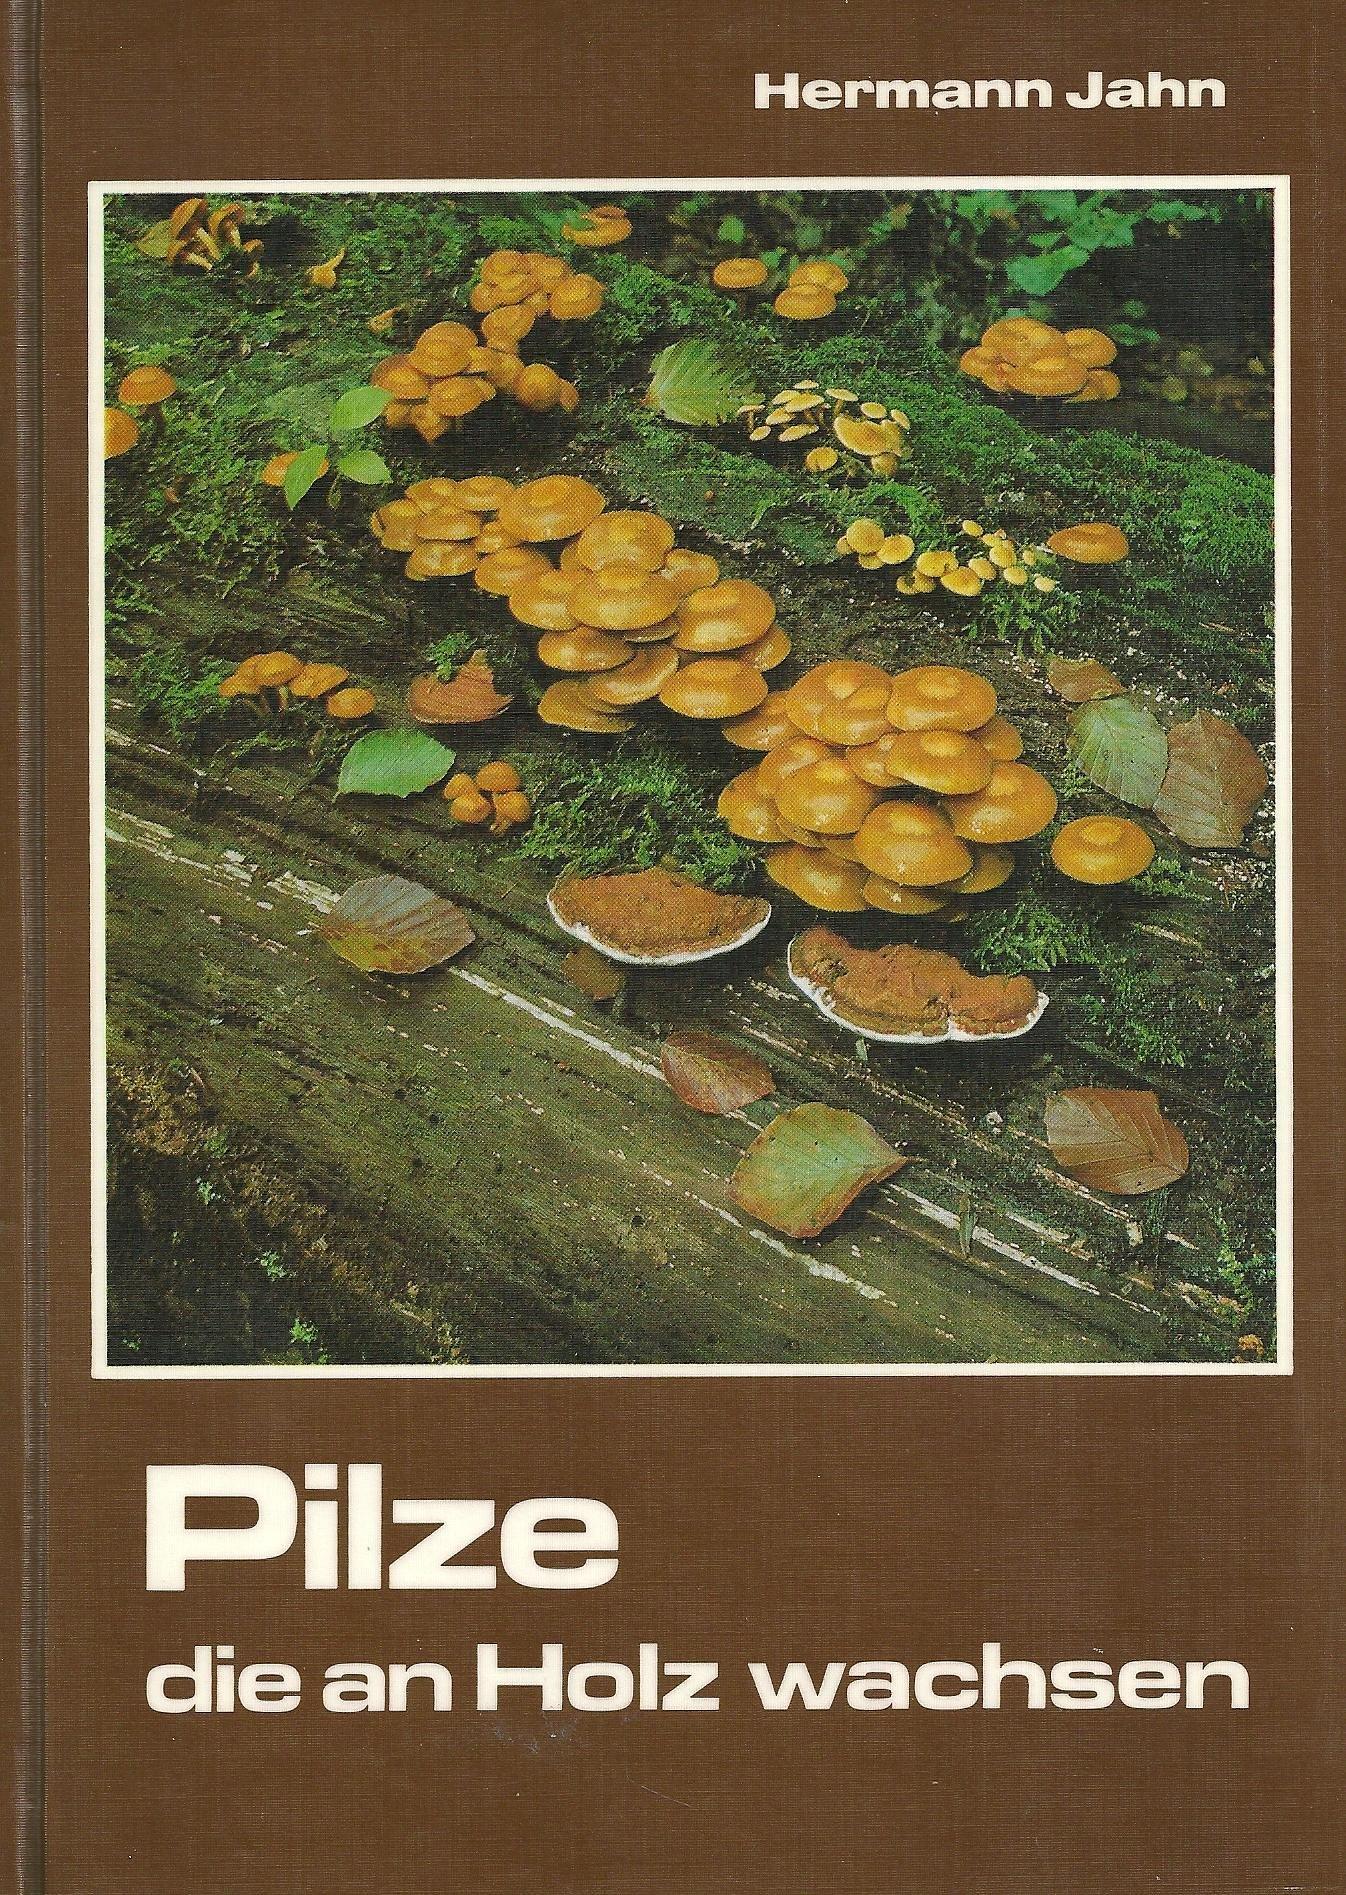 Top Pilze, die an Holz wachsen: Amazon.de: Hermann Jahn: Bücher FO73